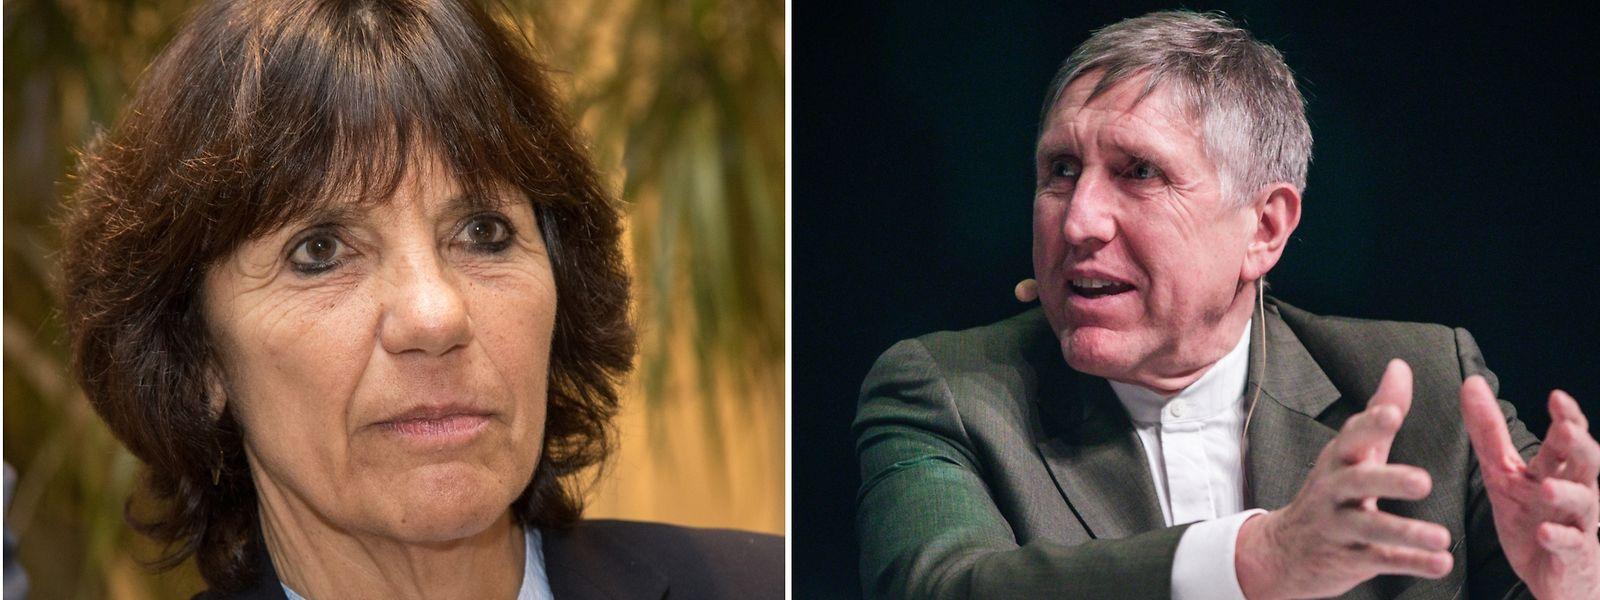 Martine Solovieff sieht in dem Brief von François Bausch keine Beeinflussung der Justiz.